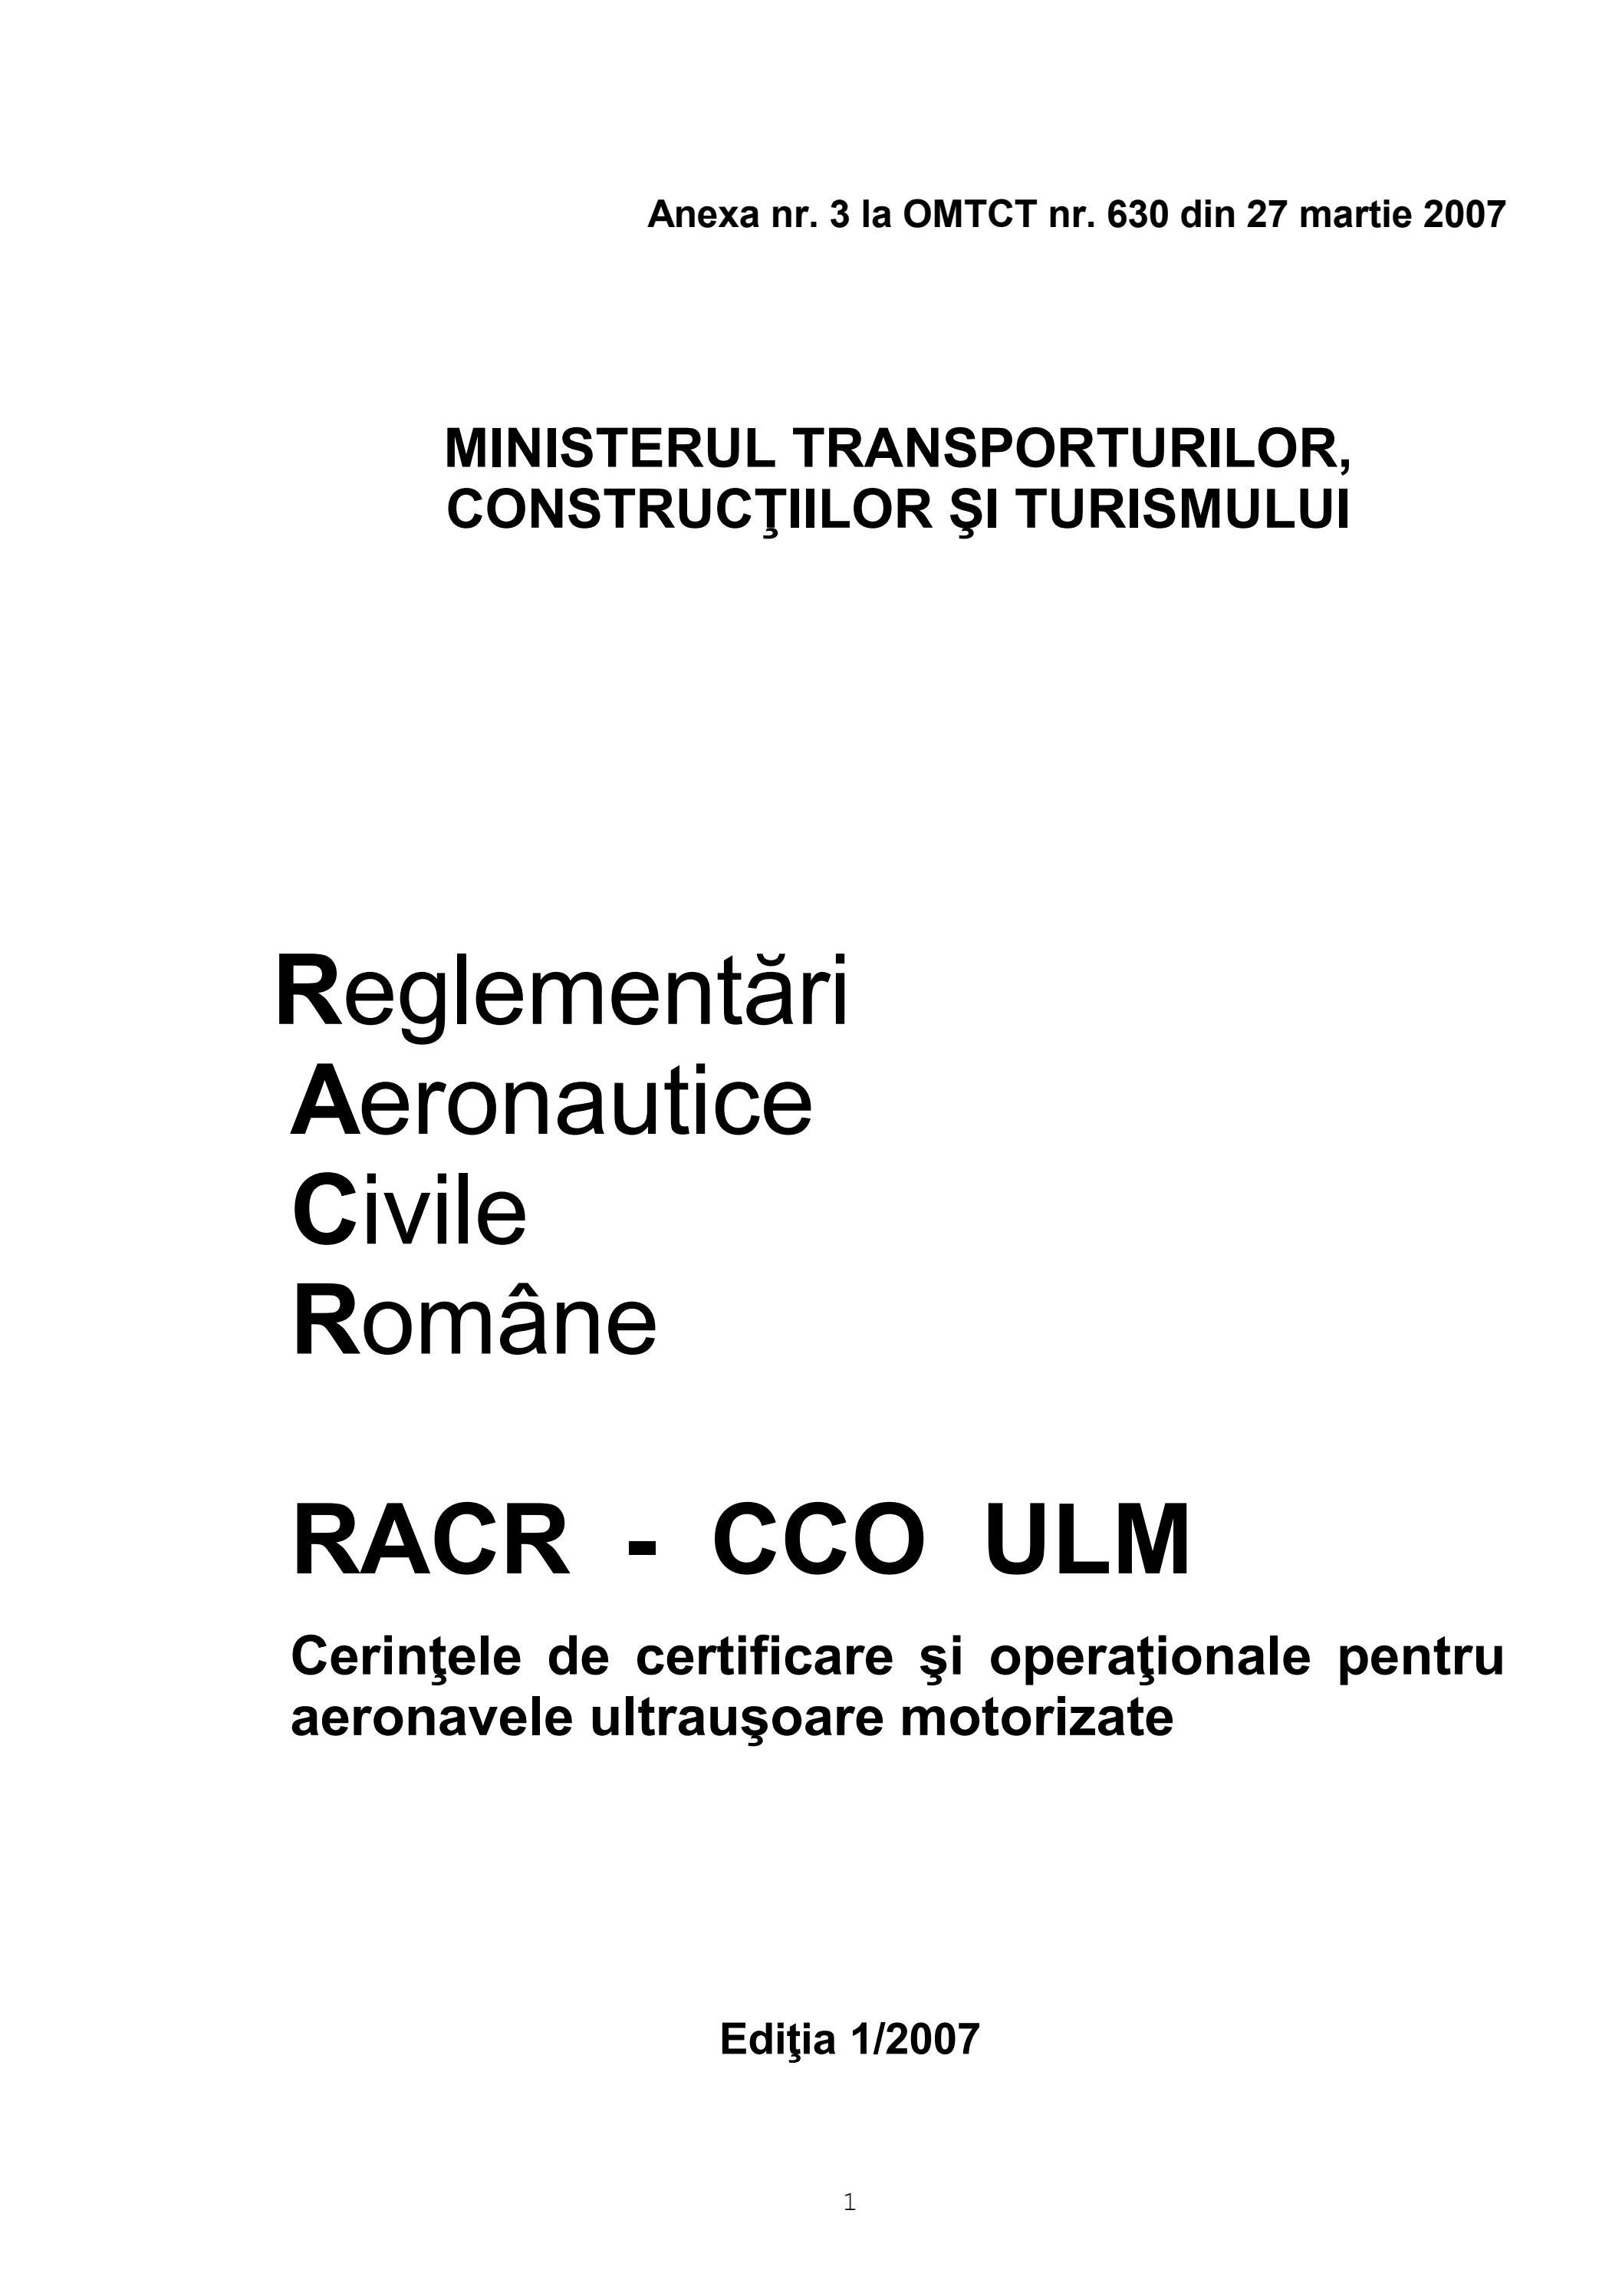 Tratarea îmbinării motorului aeronavelor